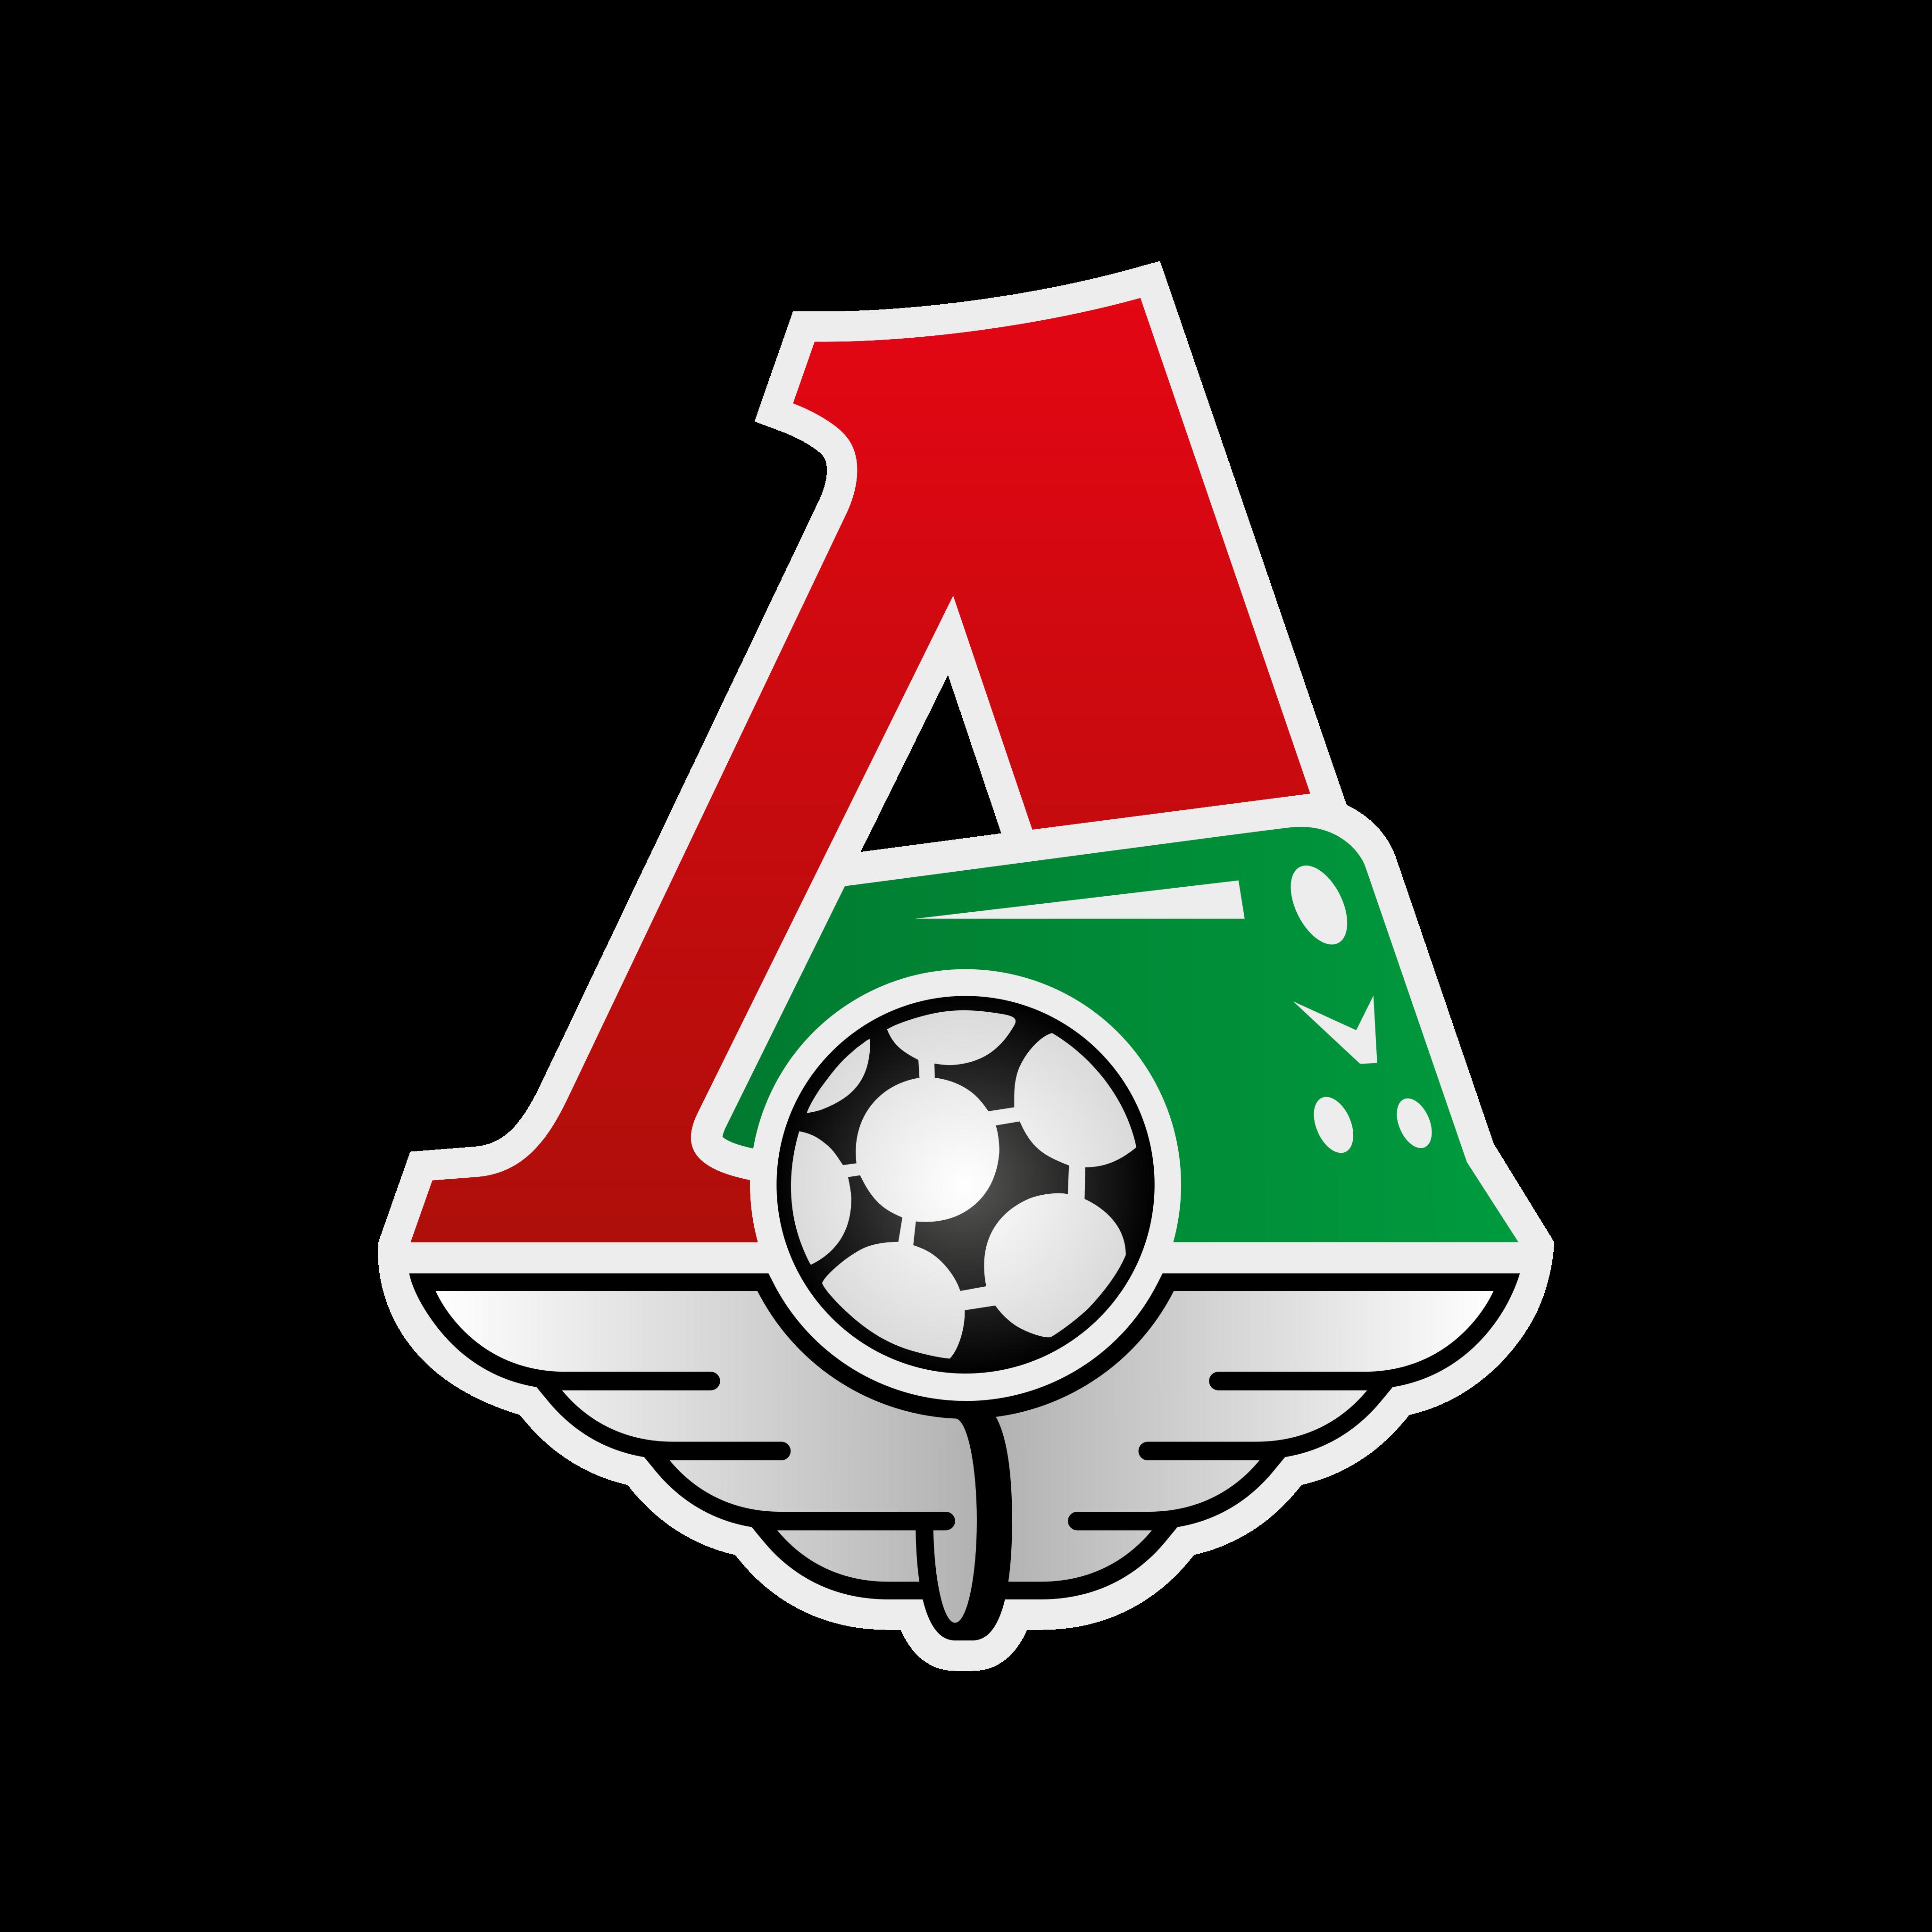 lokomotiv logo 0 - FC Lokomotiv Moscow Logo